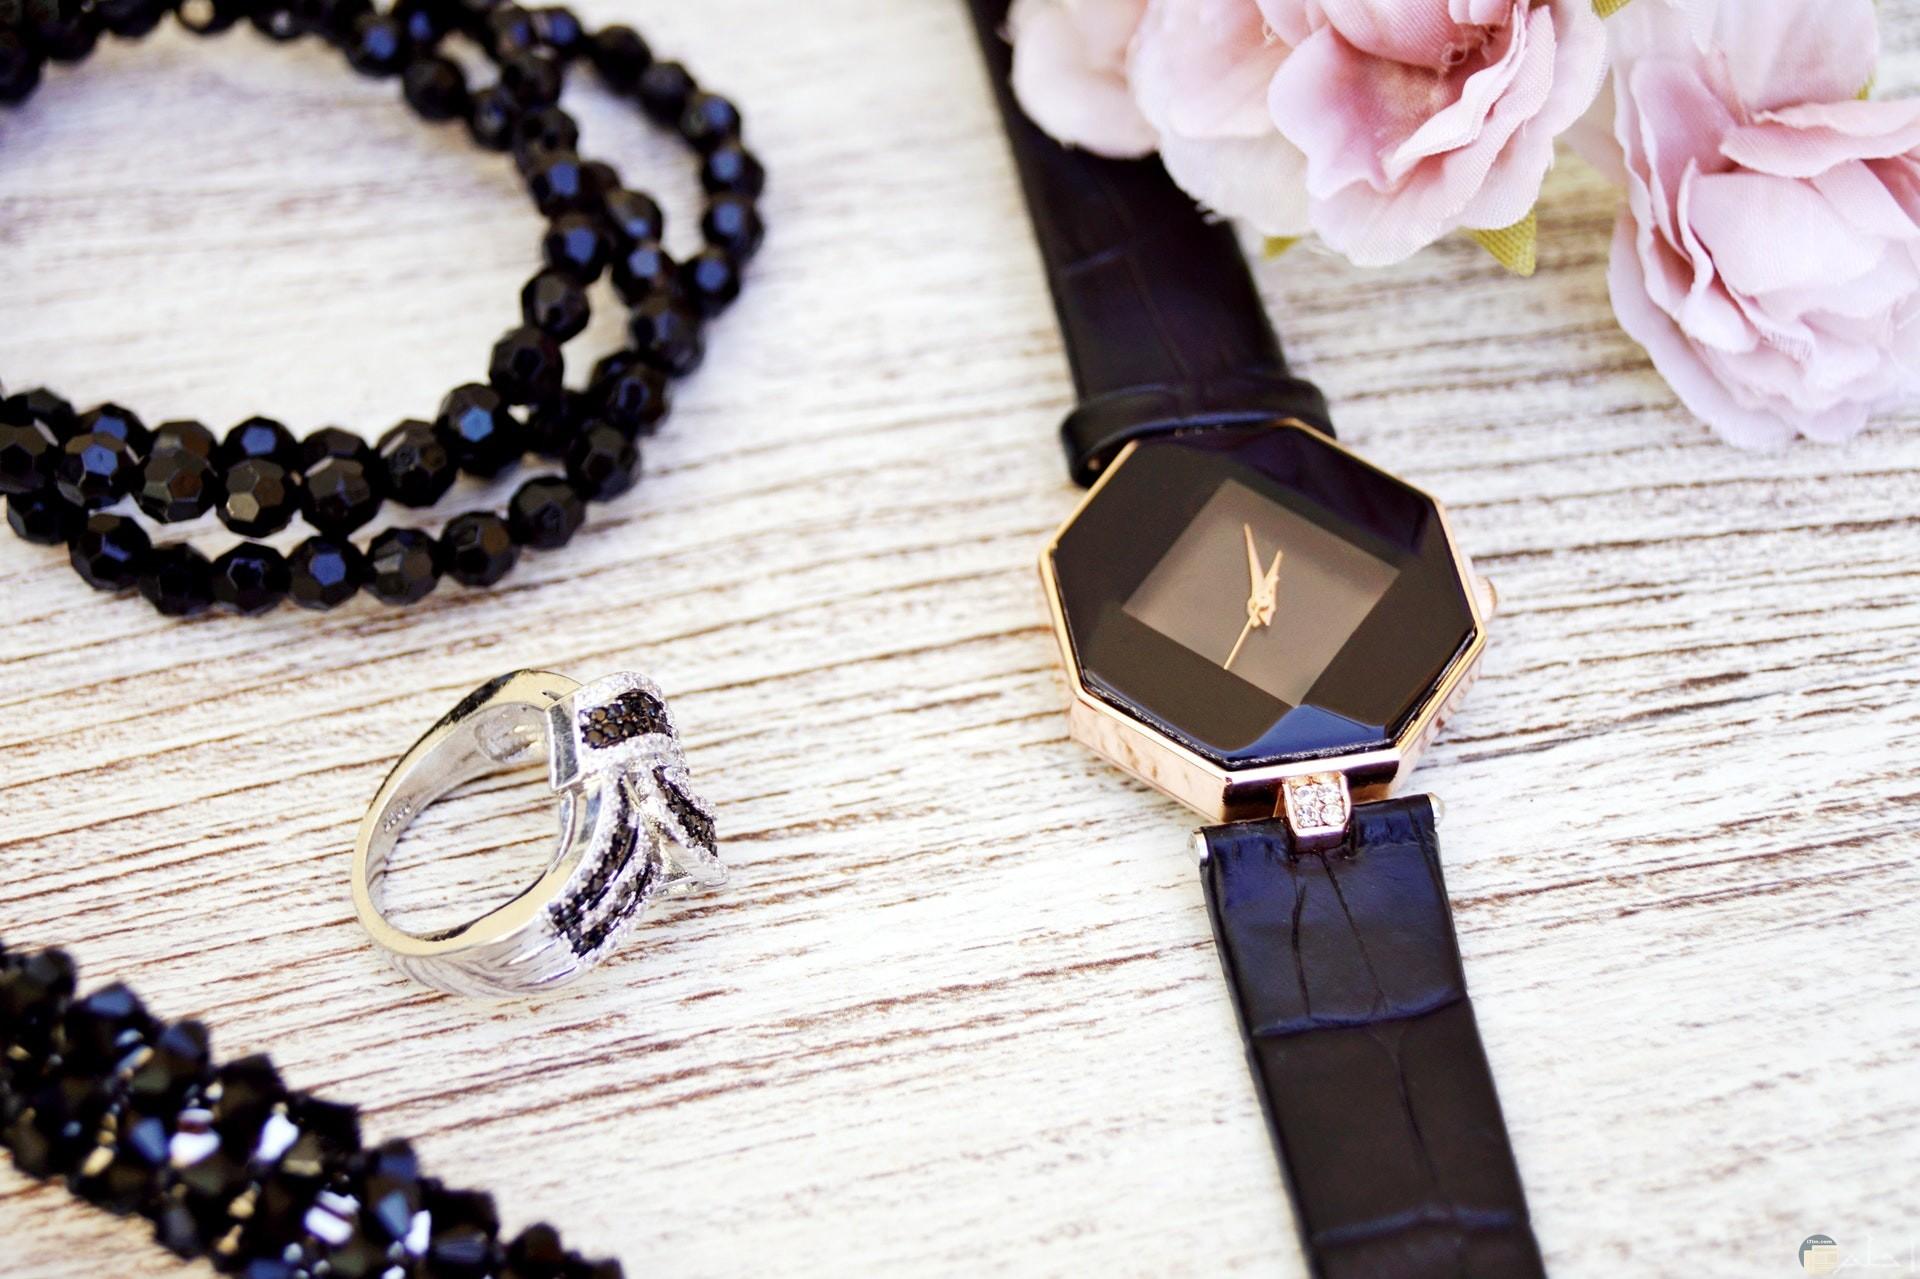 صور إكسسوارات جميلة من ساعة وخاتم وسلسلة للرقبة حلوة للفتيات